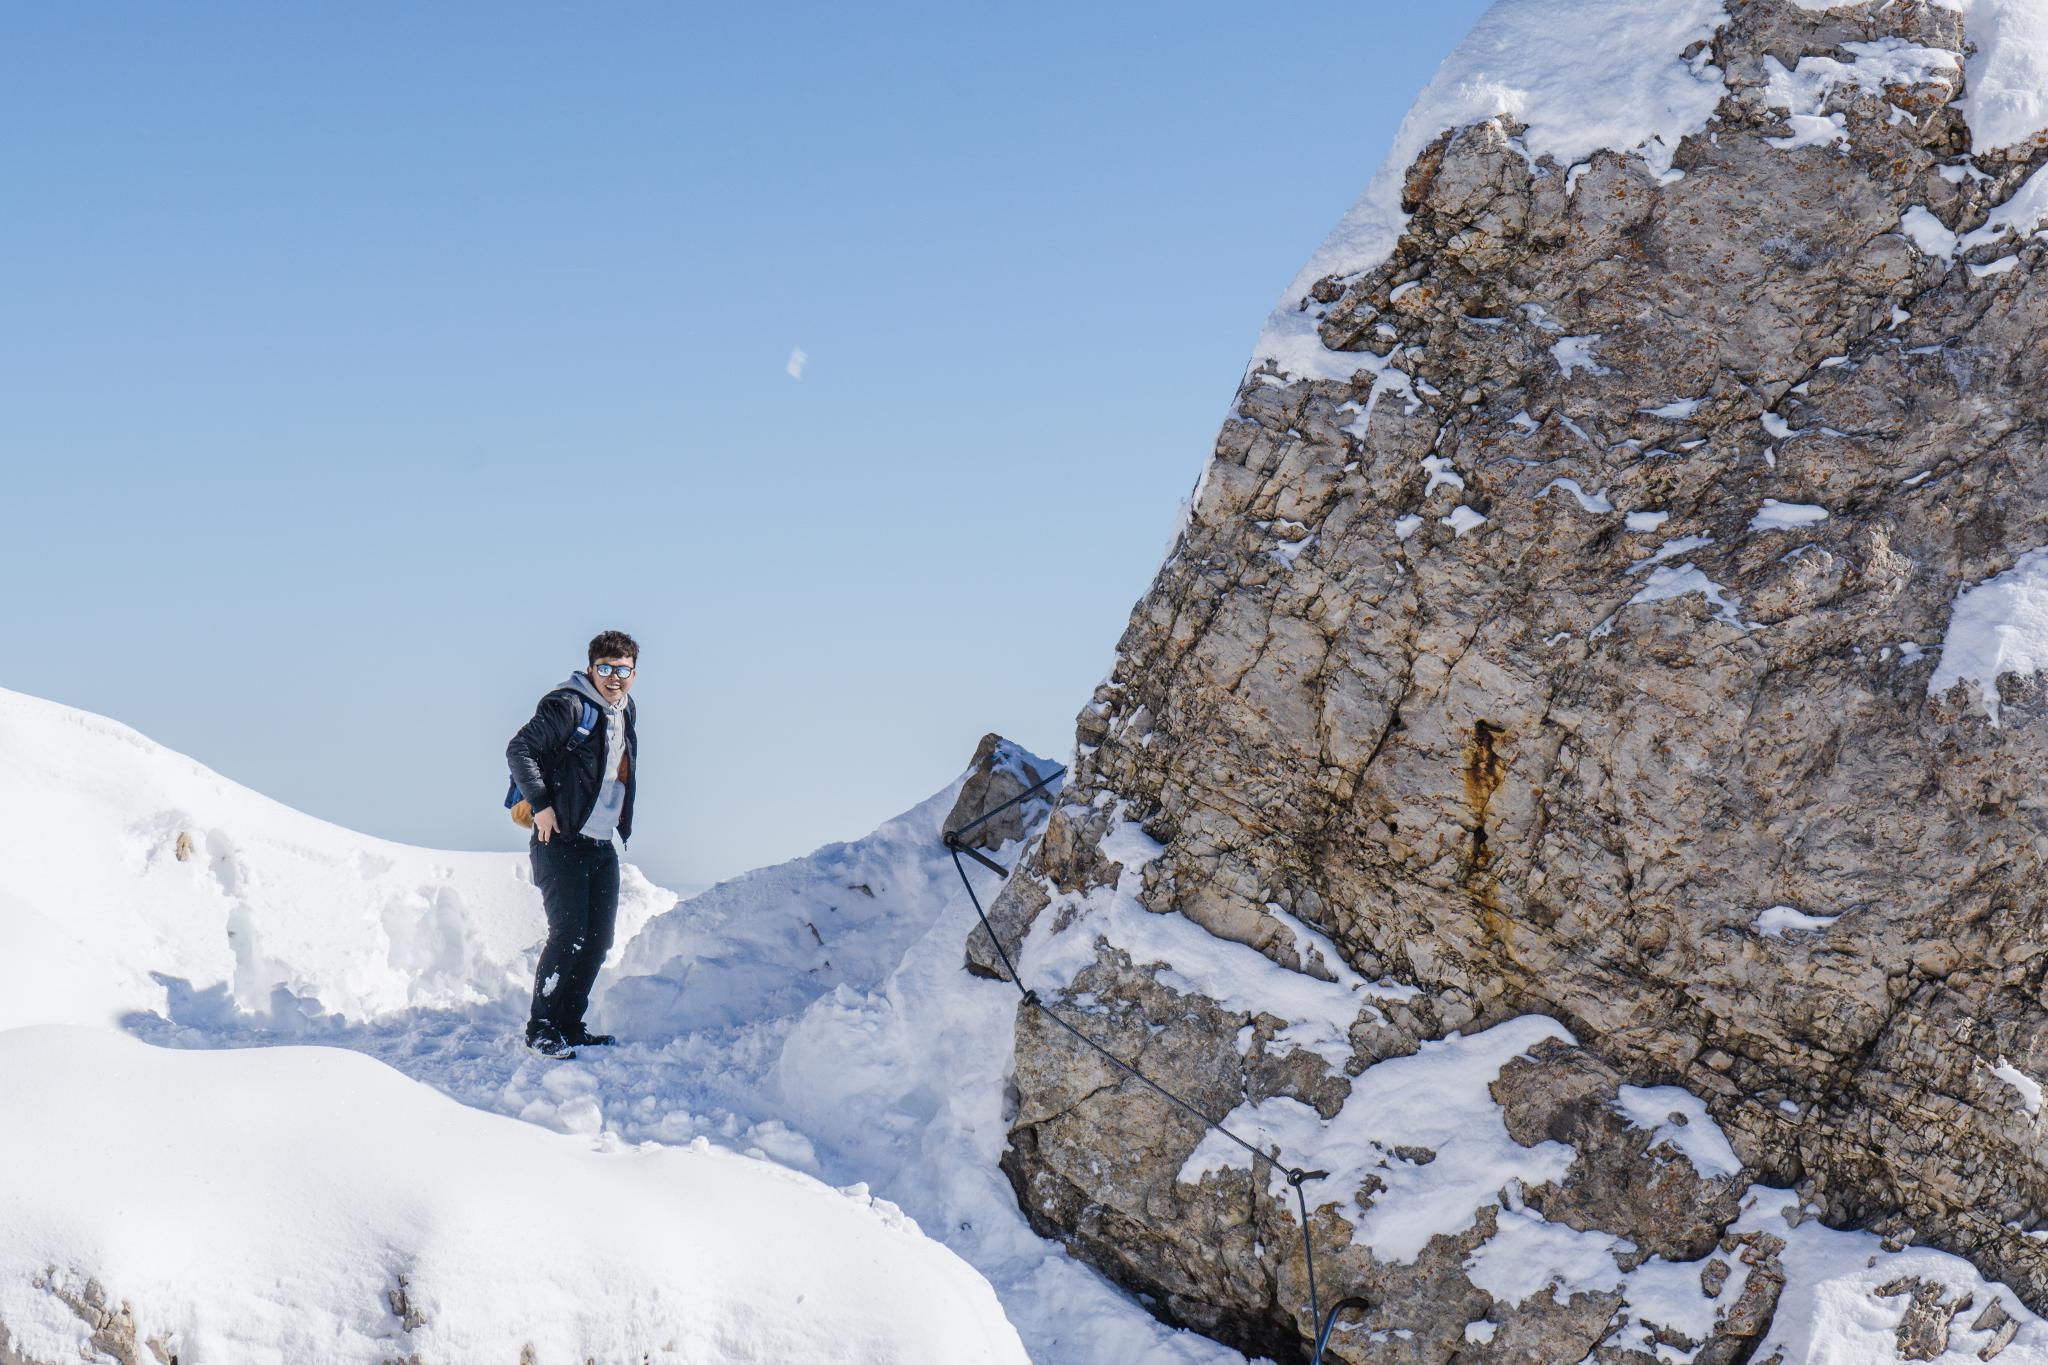 【德國】阿爾卑斯大道:楚格峰 (Zugspitze) 登上德國之巔 58